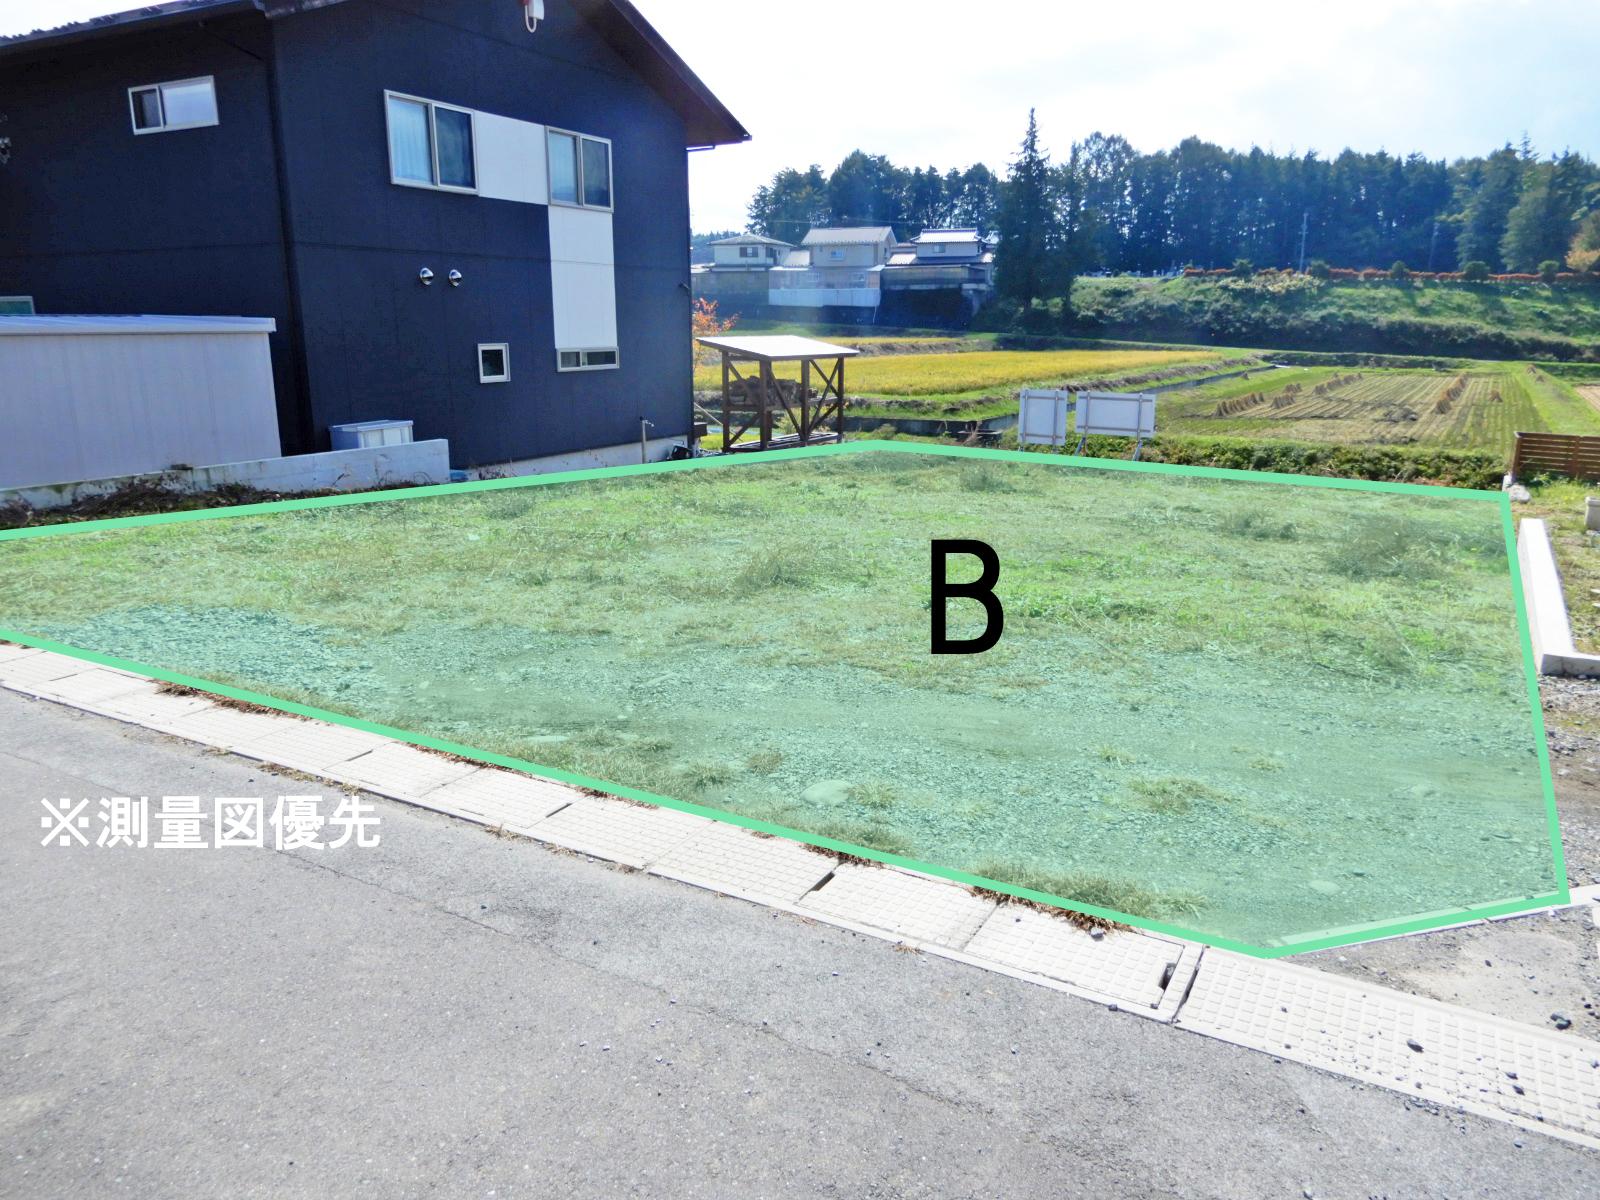 諏訪郡原村室内 B区画_アイキャッチ画像